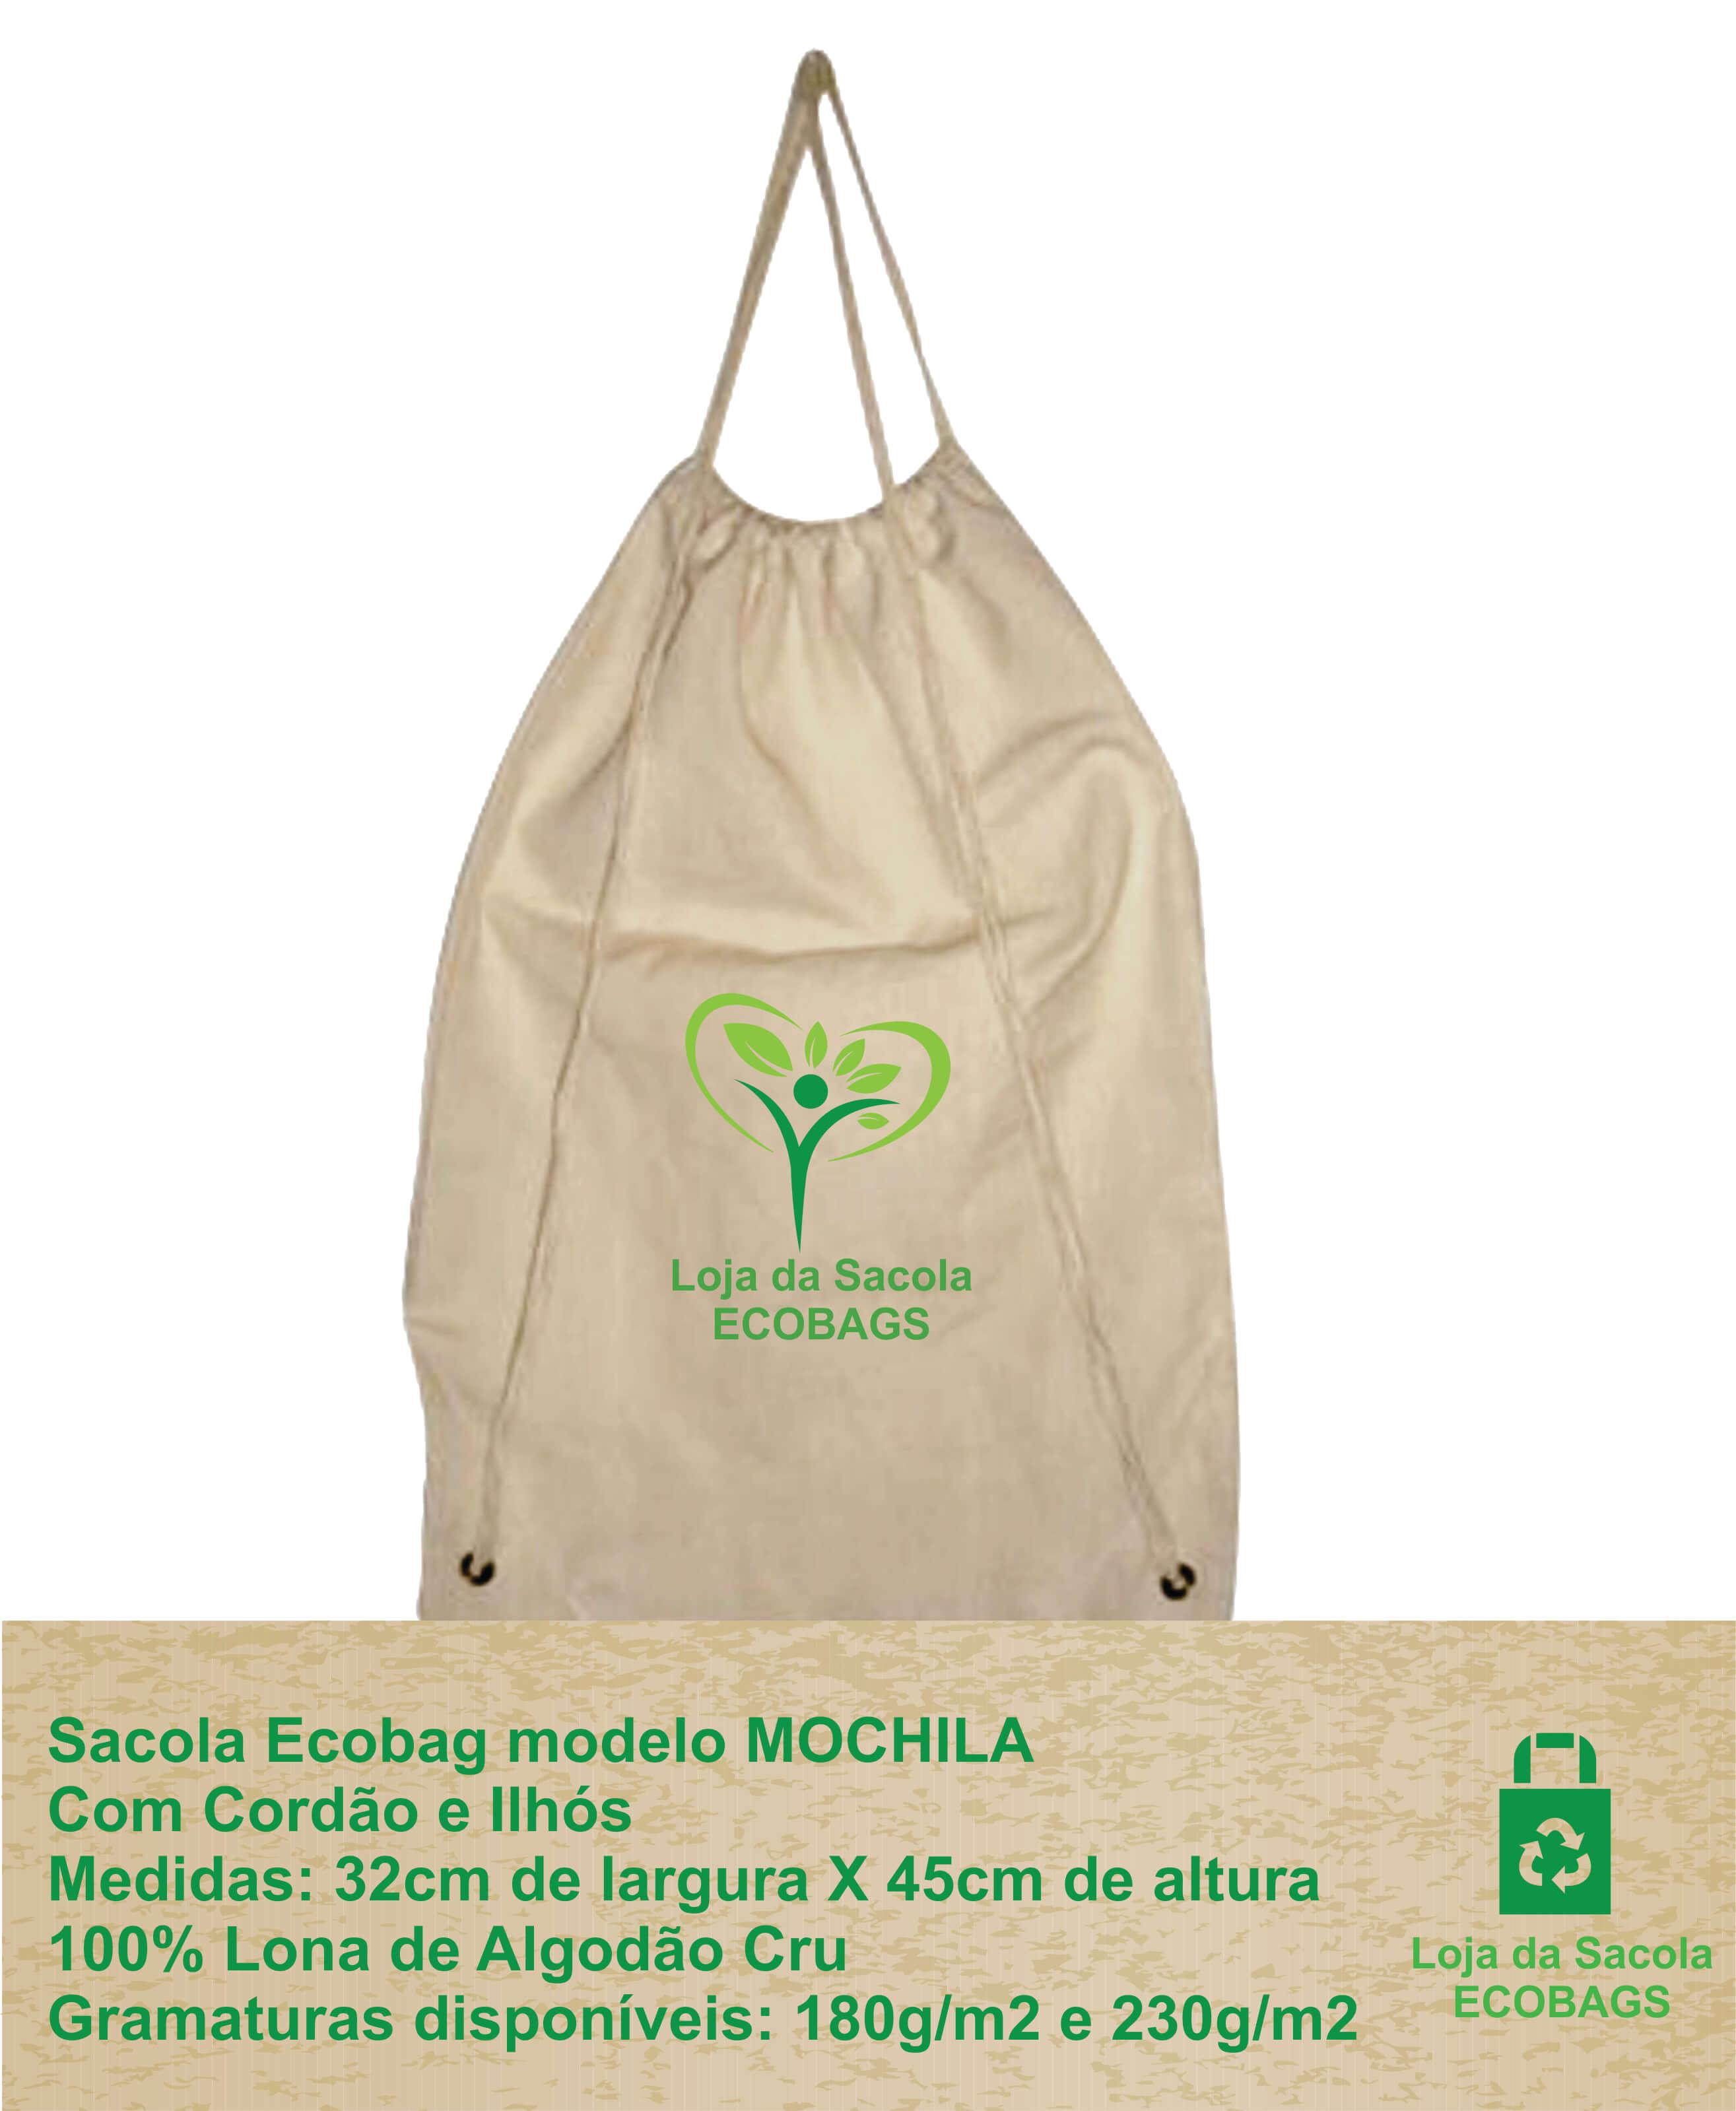 Sacola Ecobag - Modelo Mochila com Cordão e Ilhós